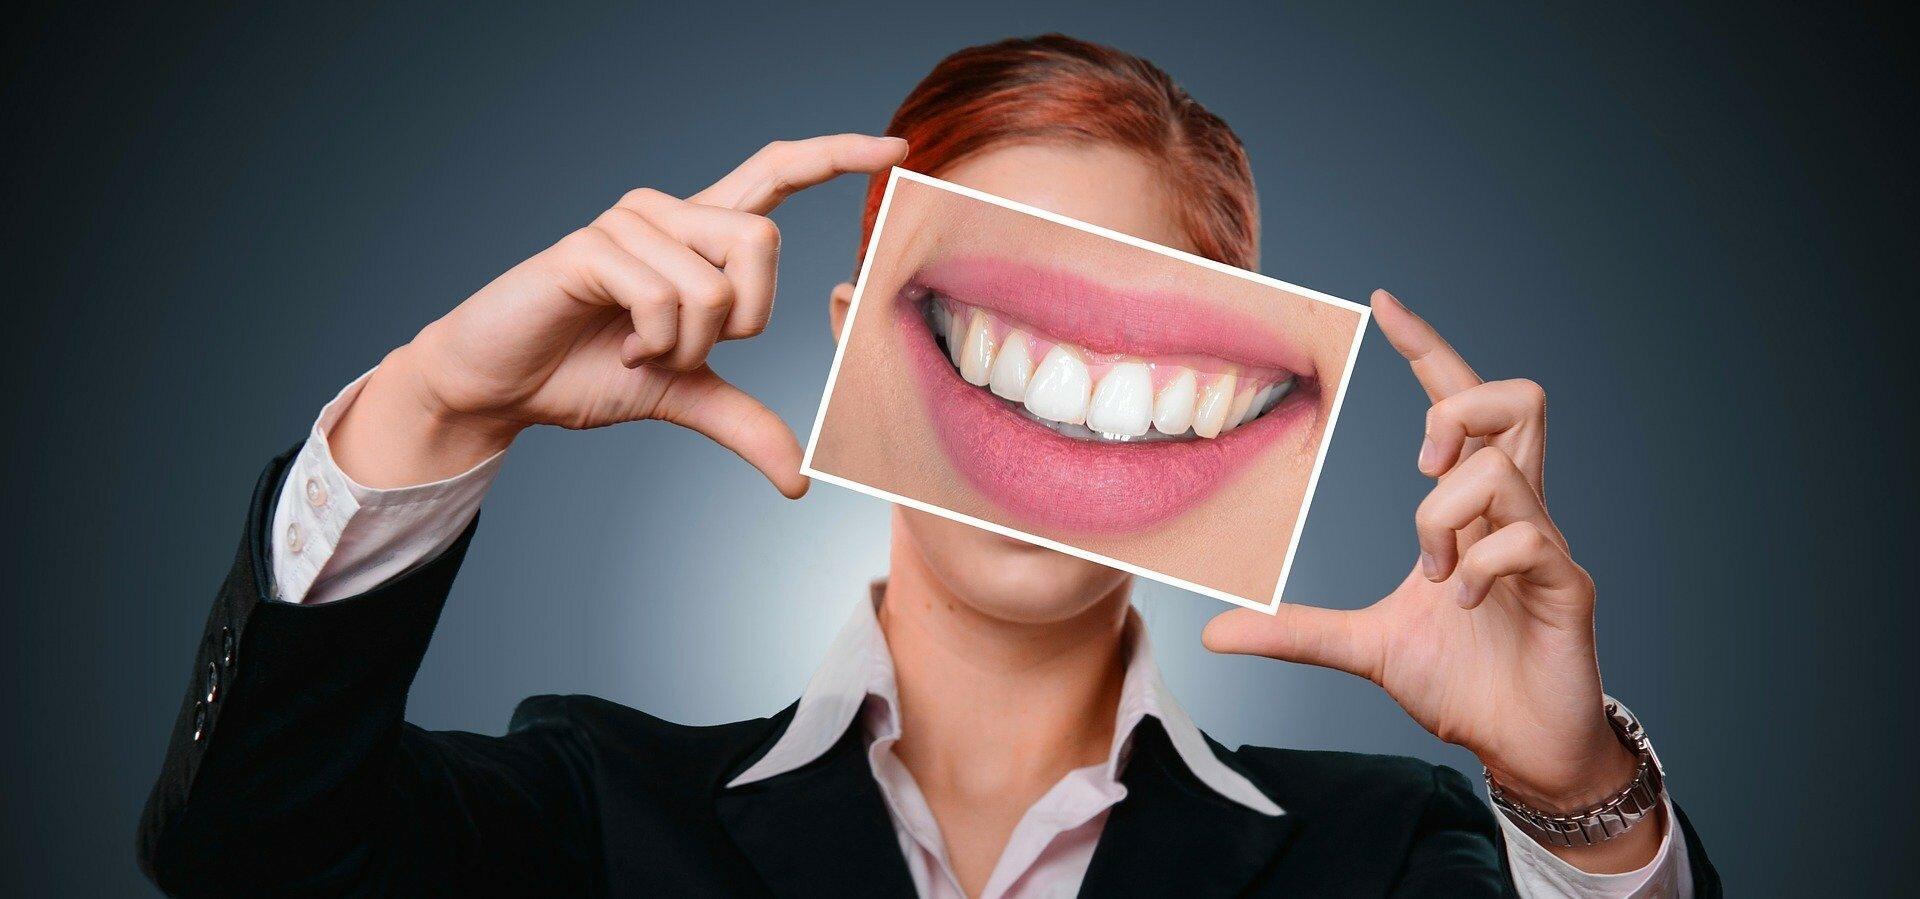 Десять причин потемнения зубной эмали